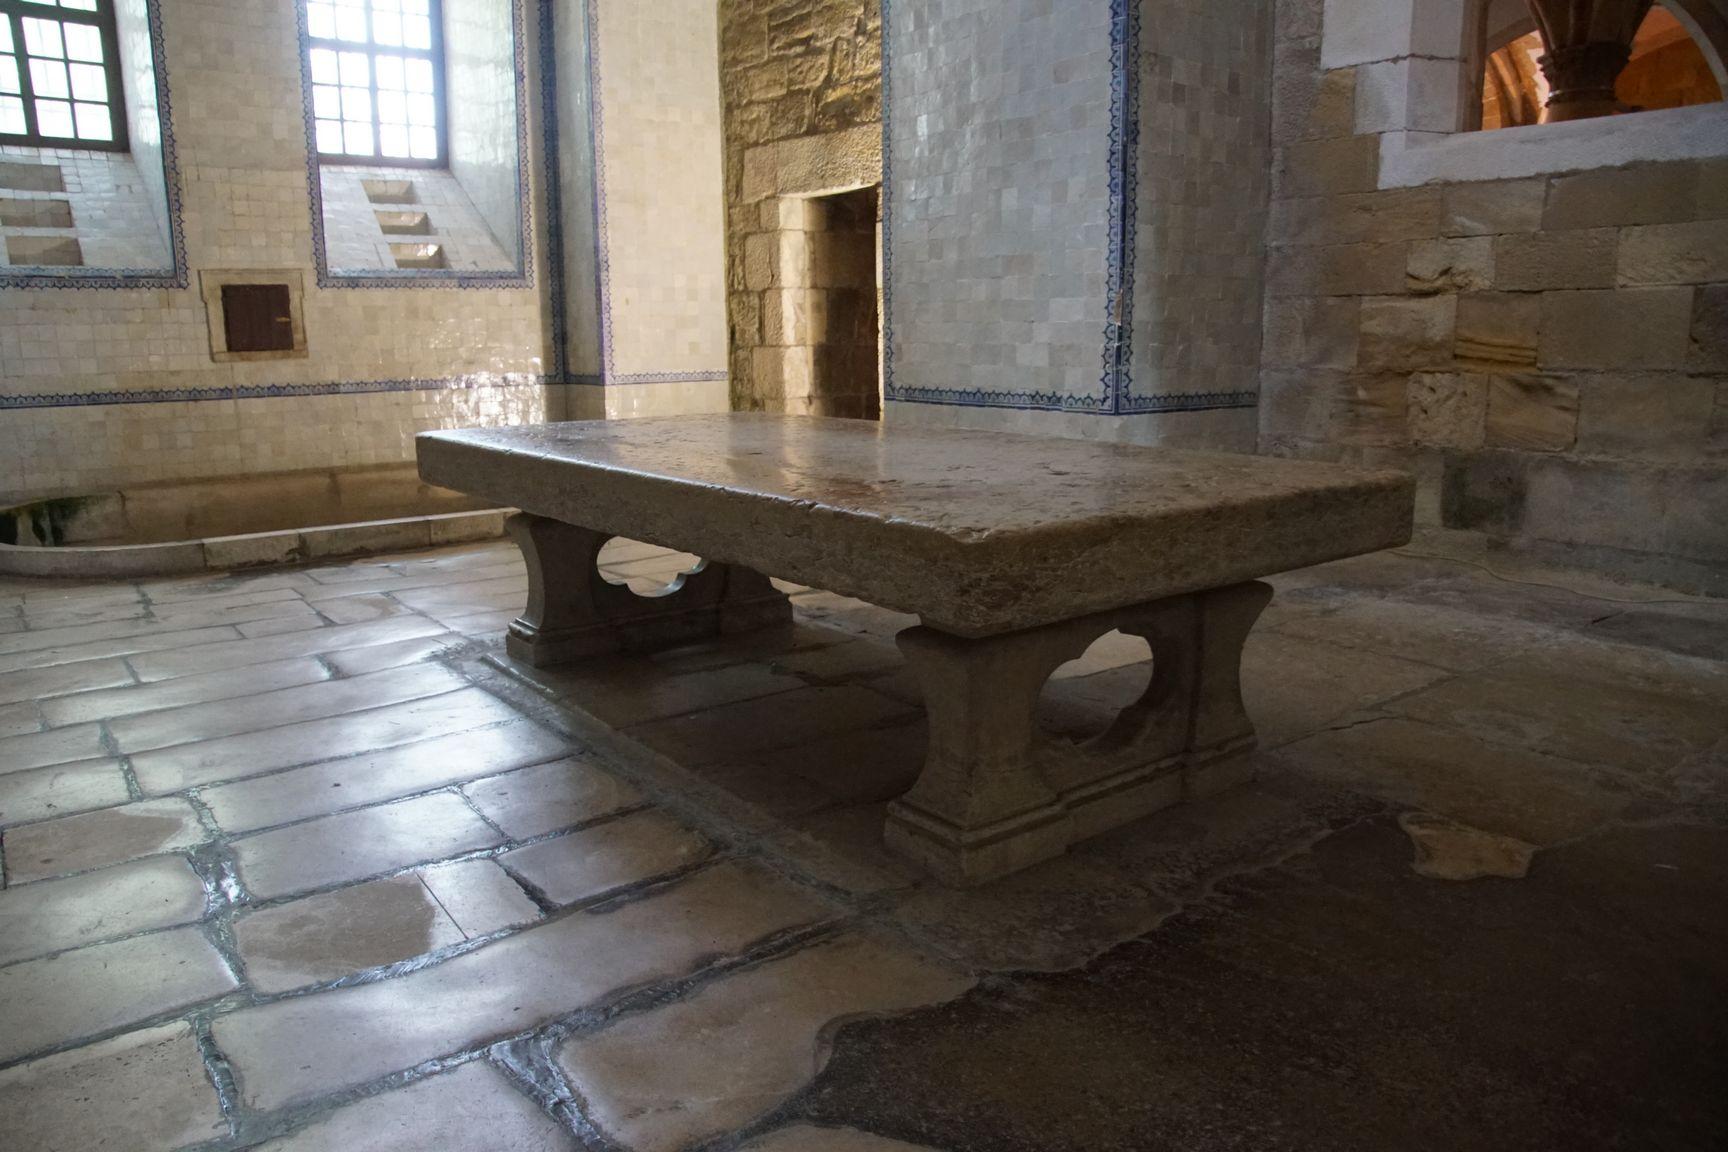 Une table facile à déplacer